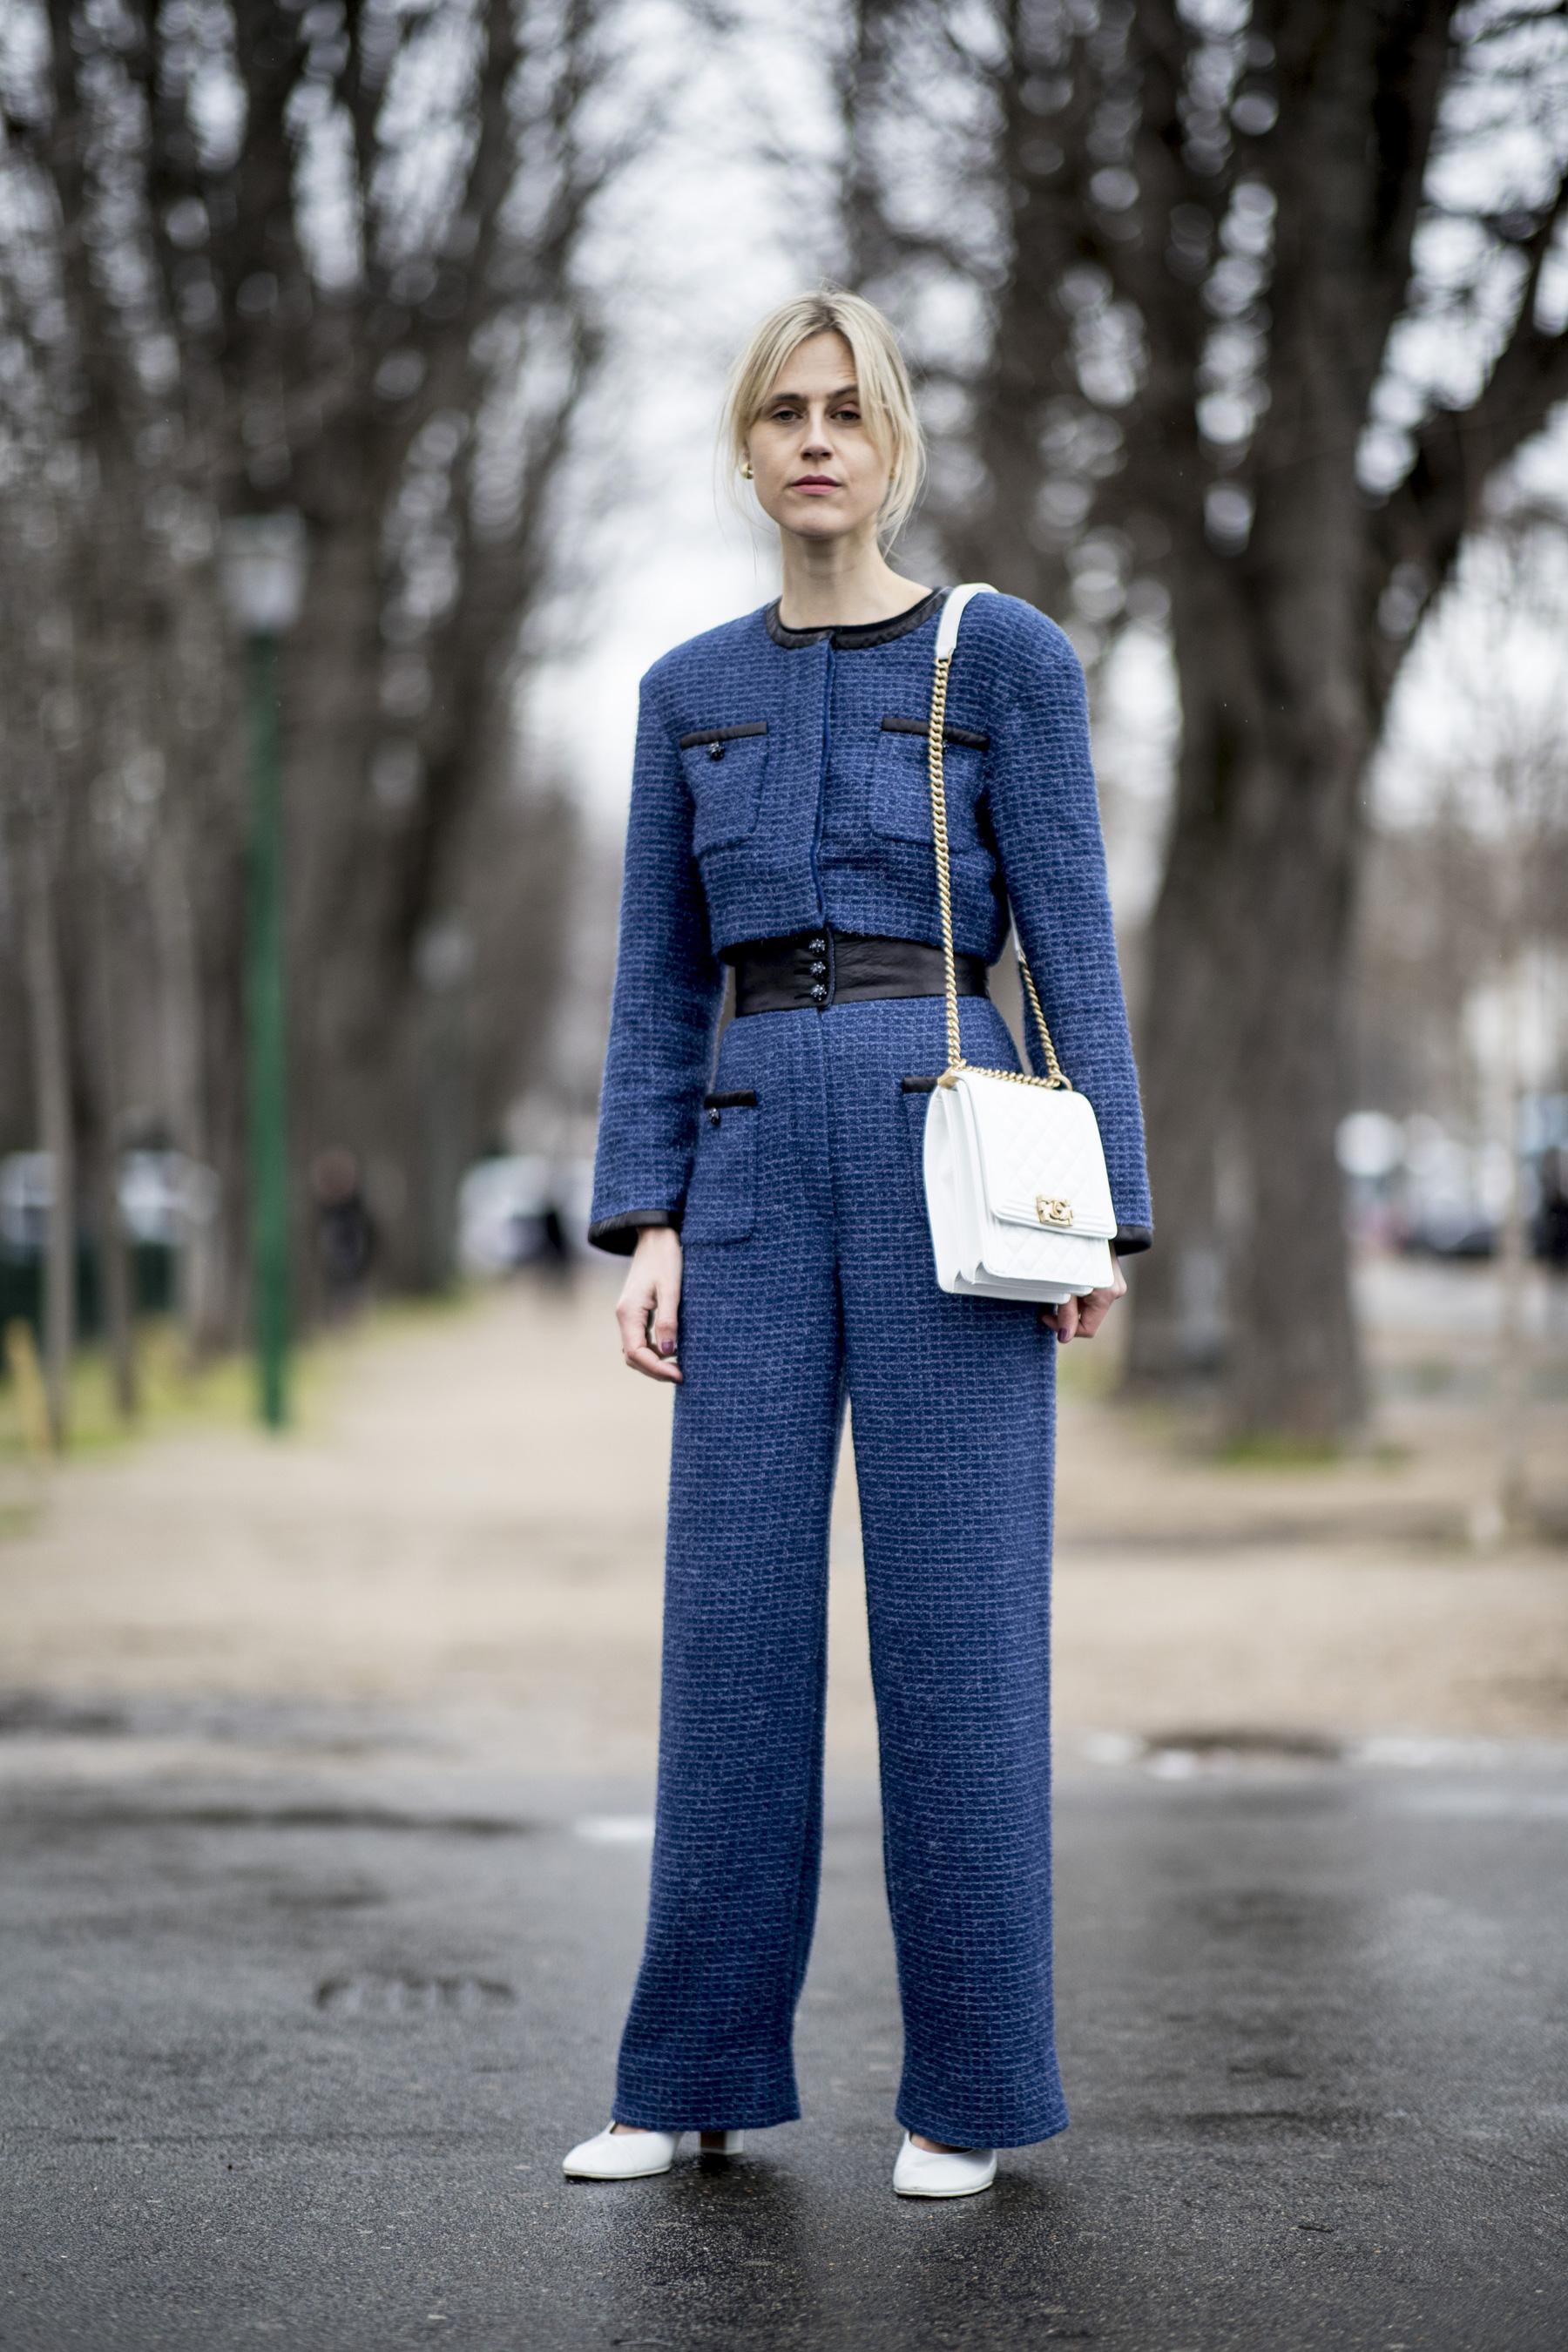 Sui classic blue cho thời trang công sở ngày lạnh